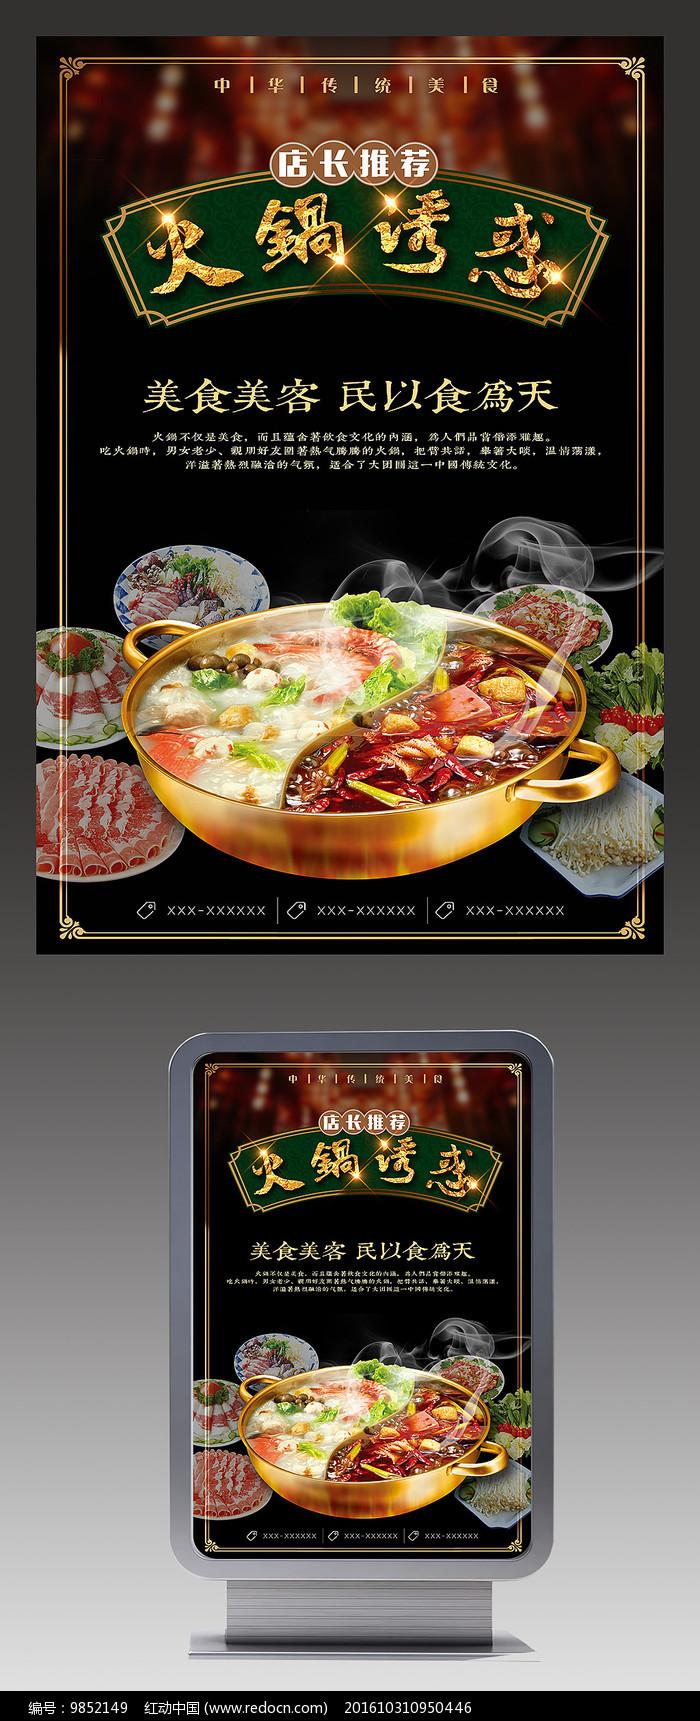 传统美食餐饮美食火锅促销海报图片